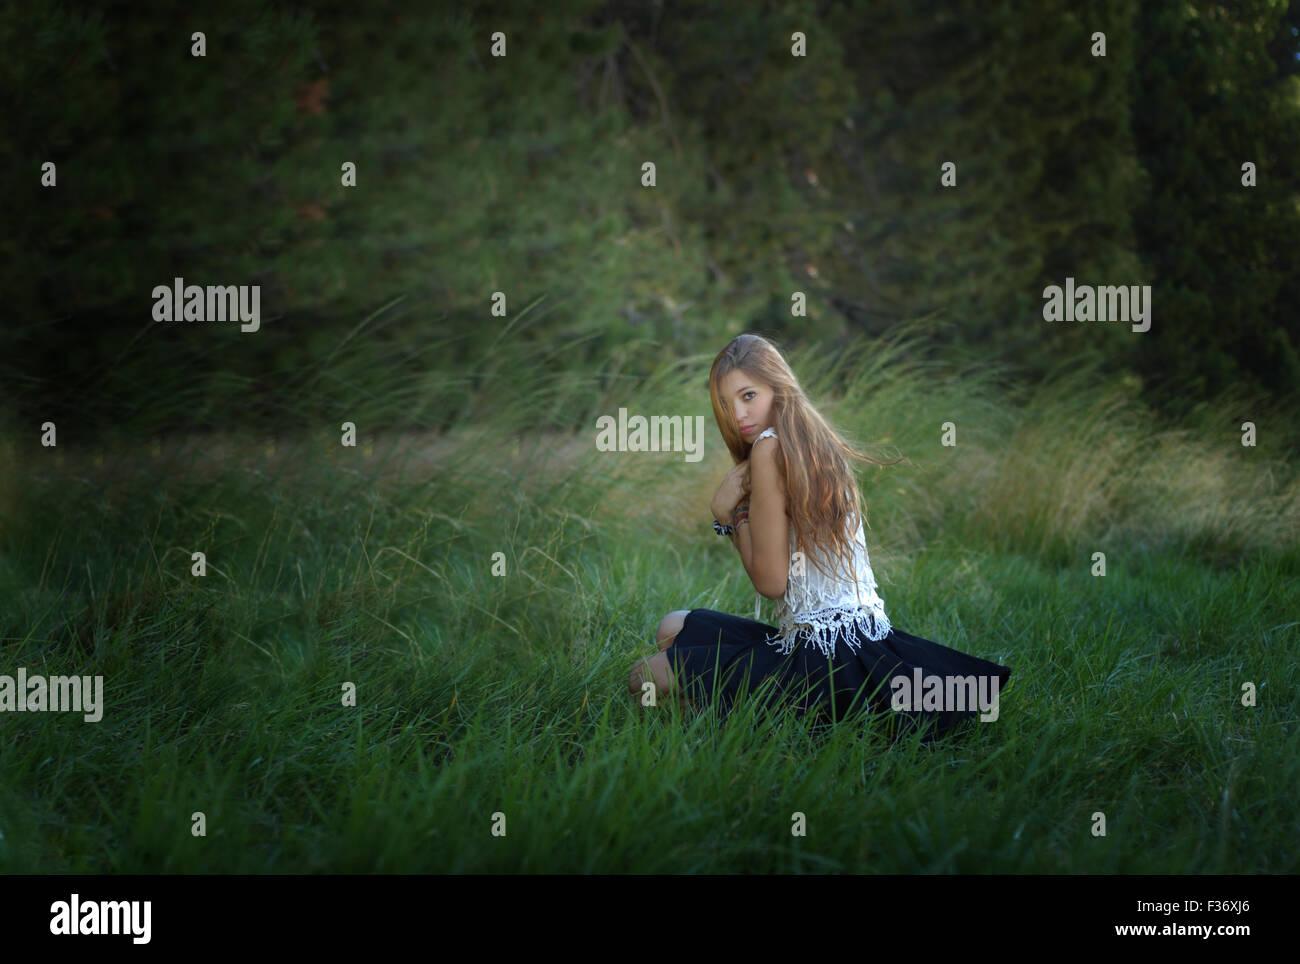 Misteriosa chica con el pelo largo en el bosque verde hierba Foto de stock